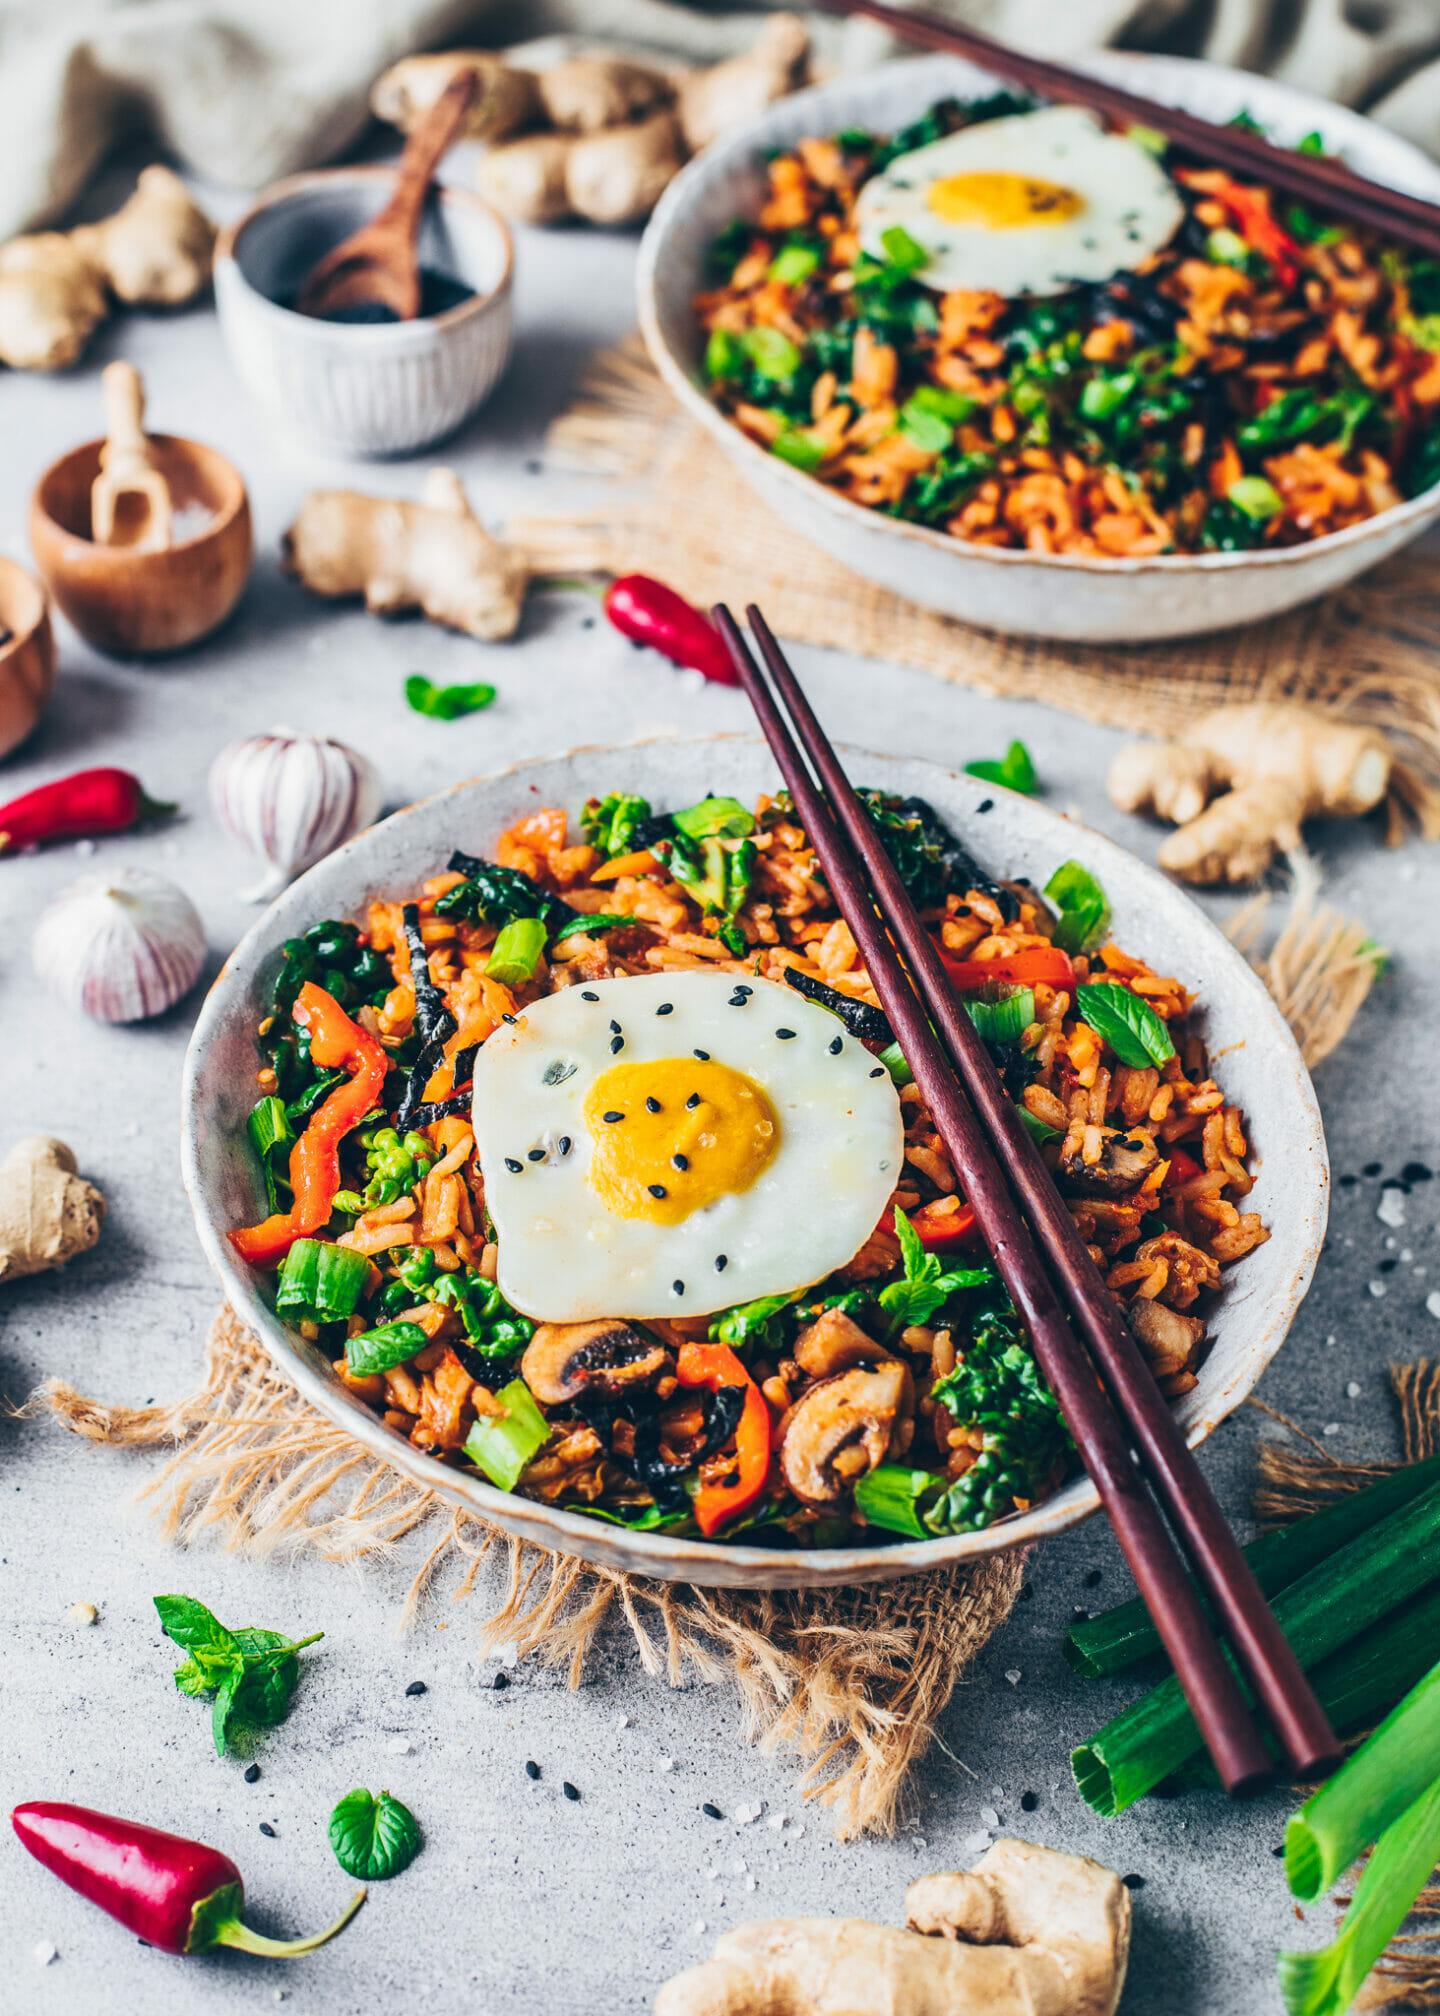 Kimchi fried rice with vegan egg